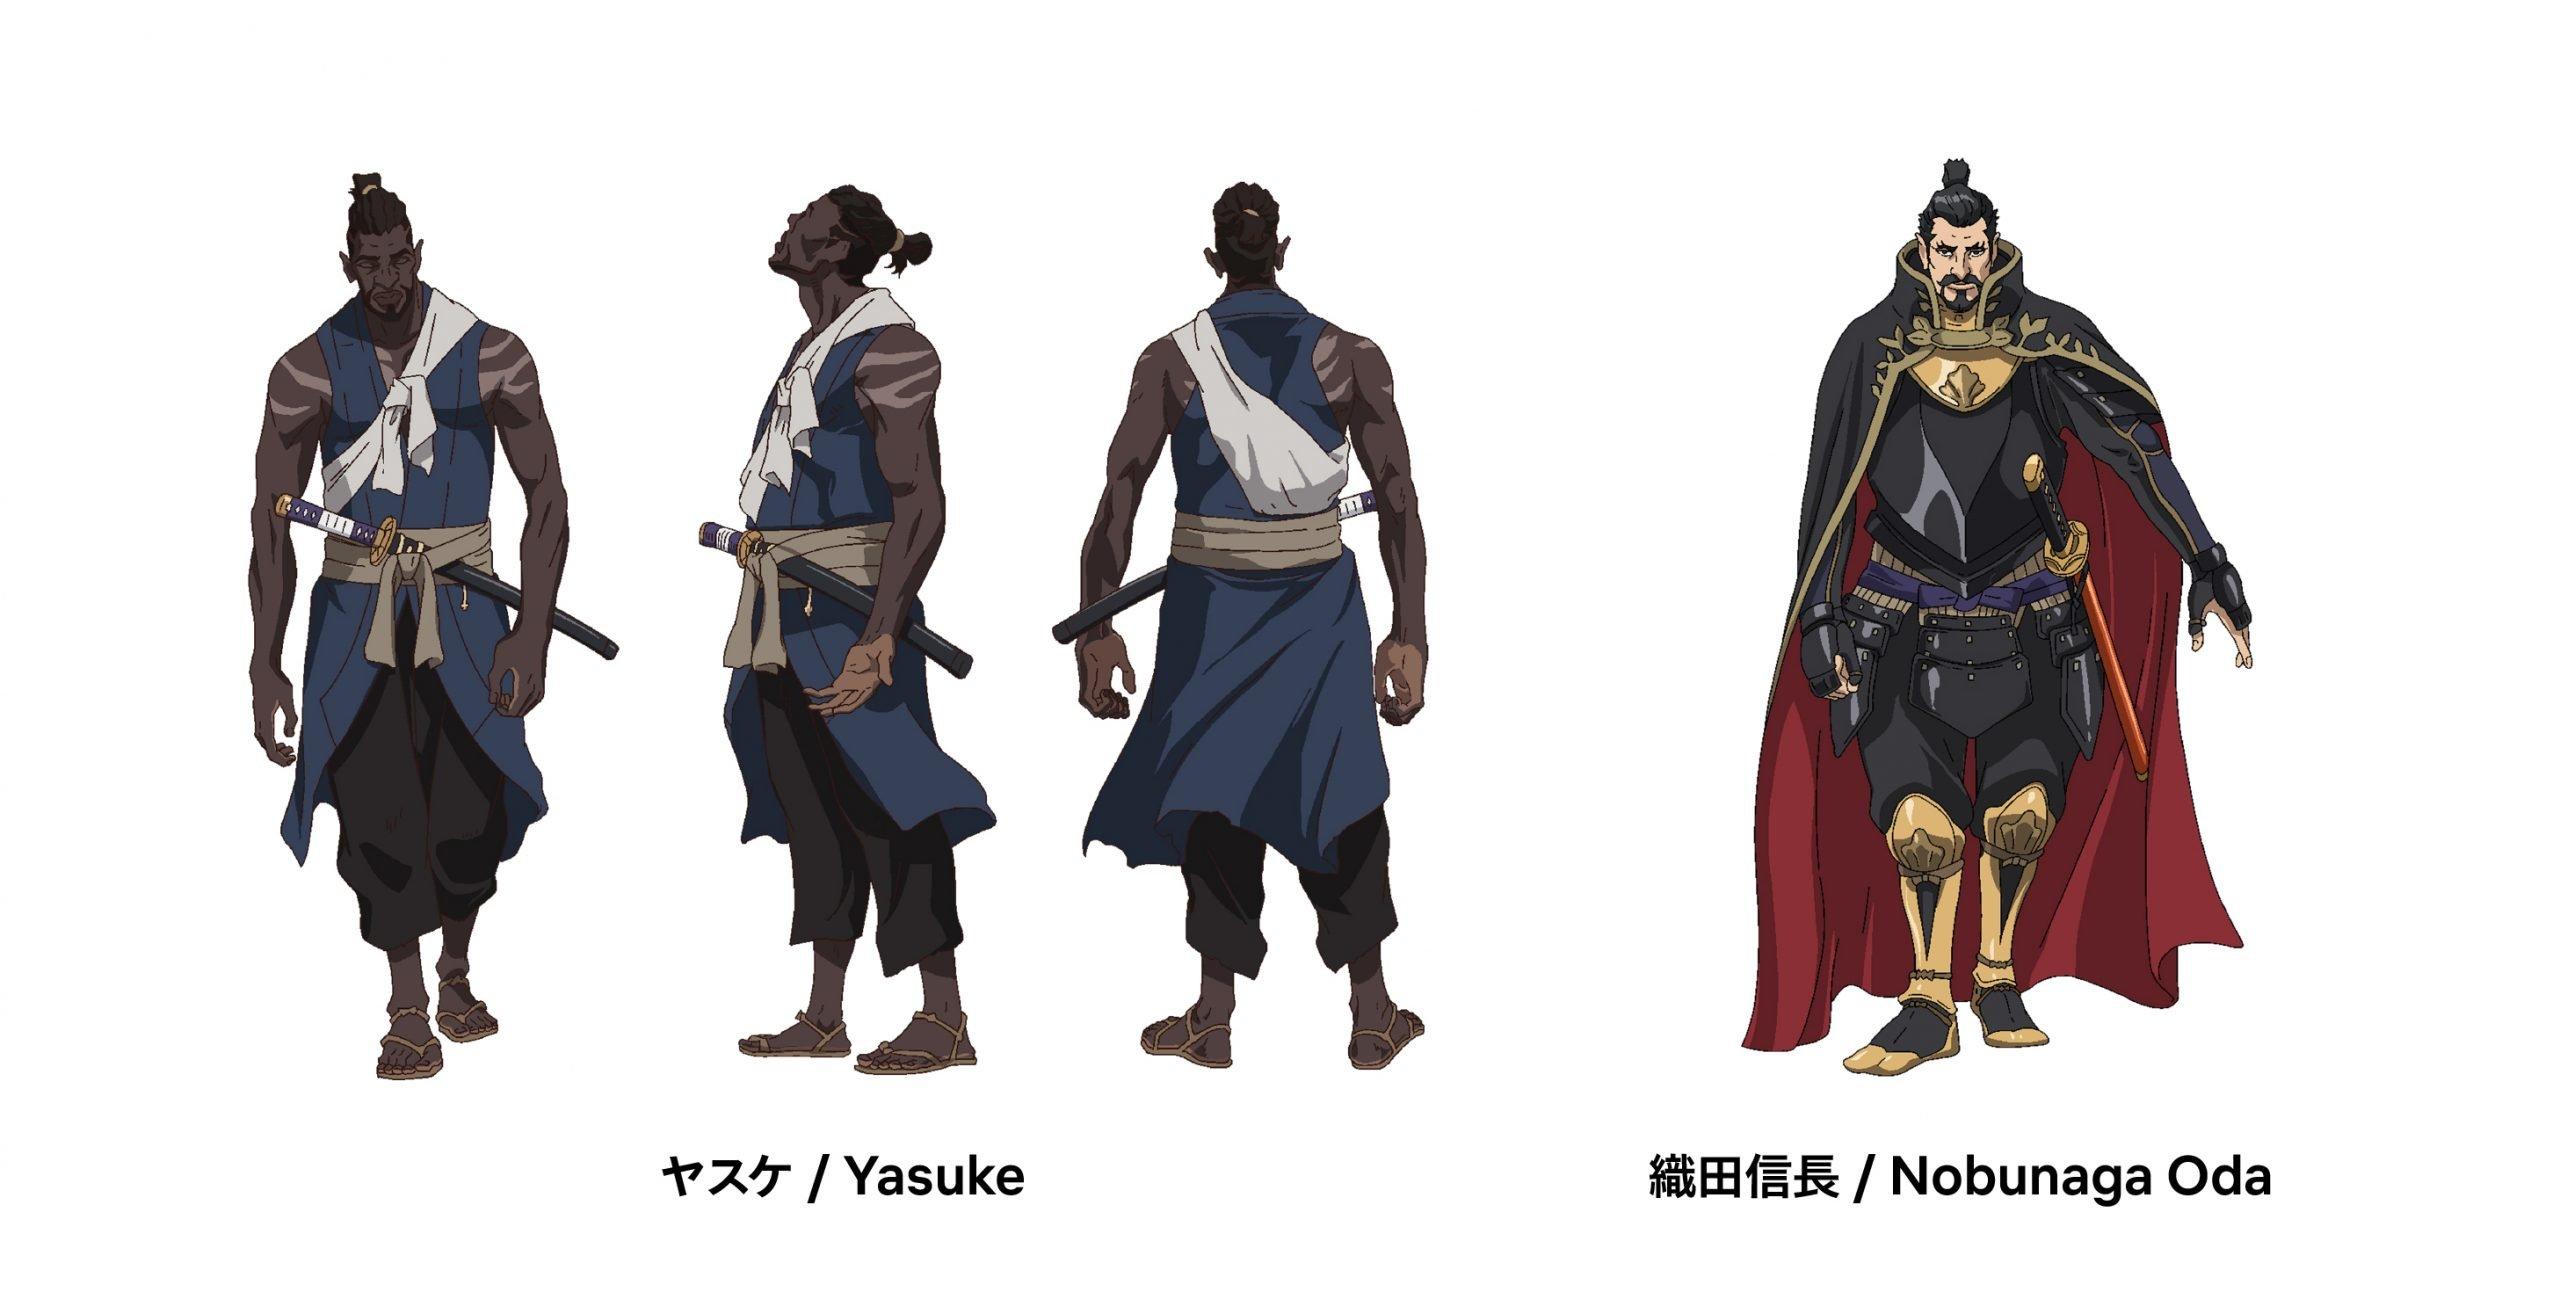 Imagen de diseño de personajes de Yousuke con Yousuke y Oda Nobunaga mostrados en un fondo blanco.